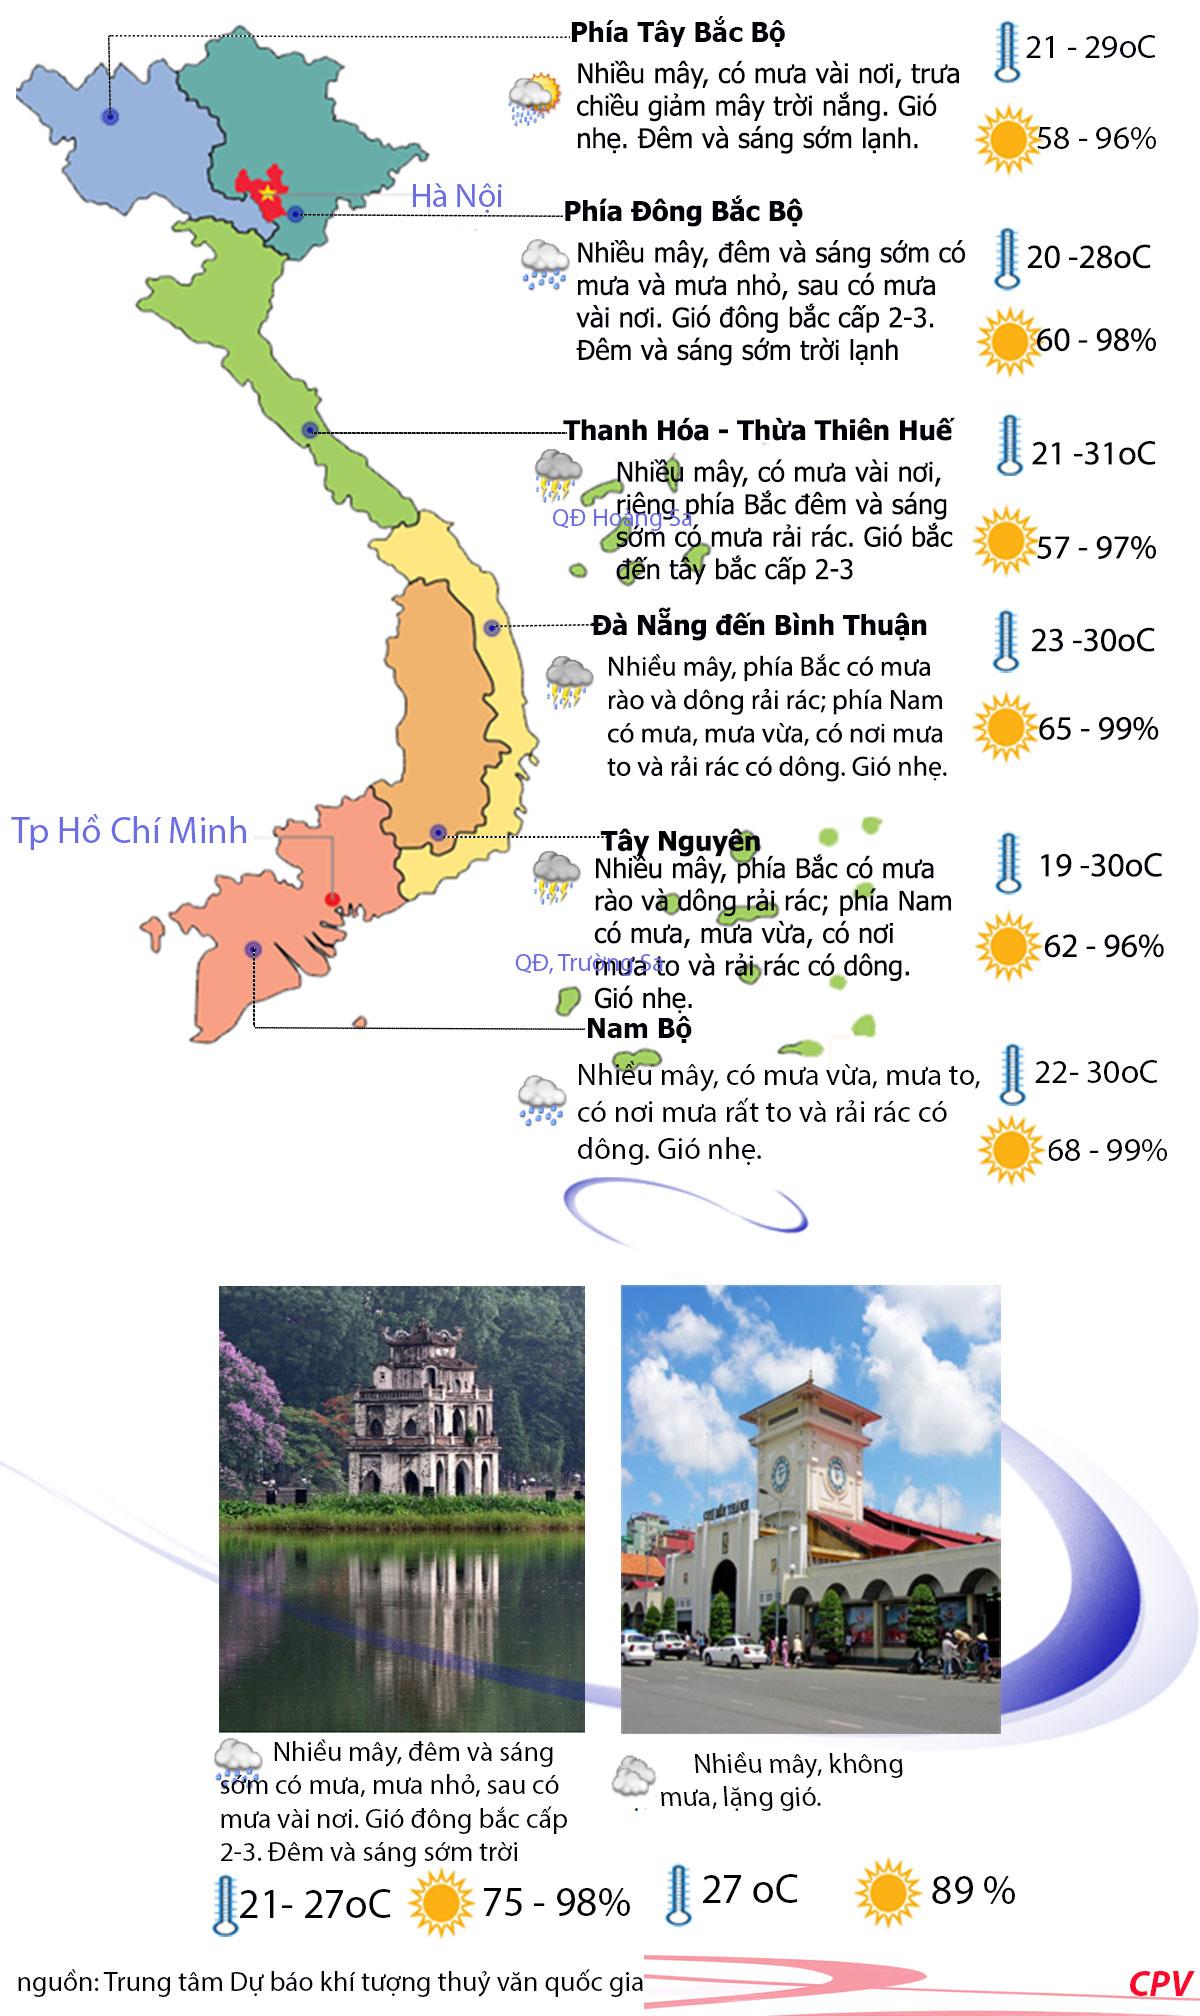 [Infographic] Thời tiết đêm 19 ngày 20/10